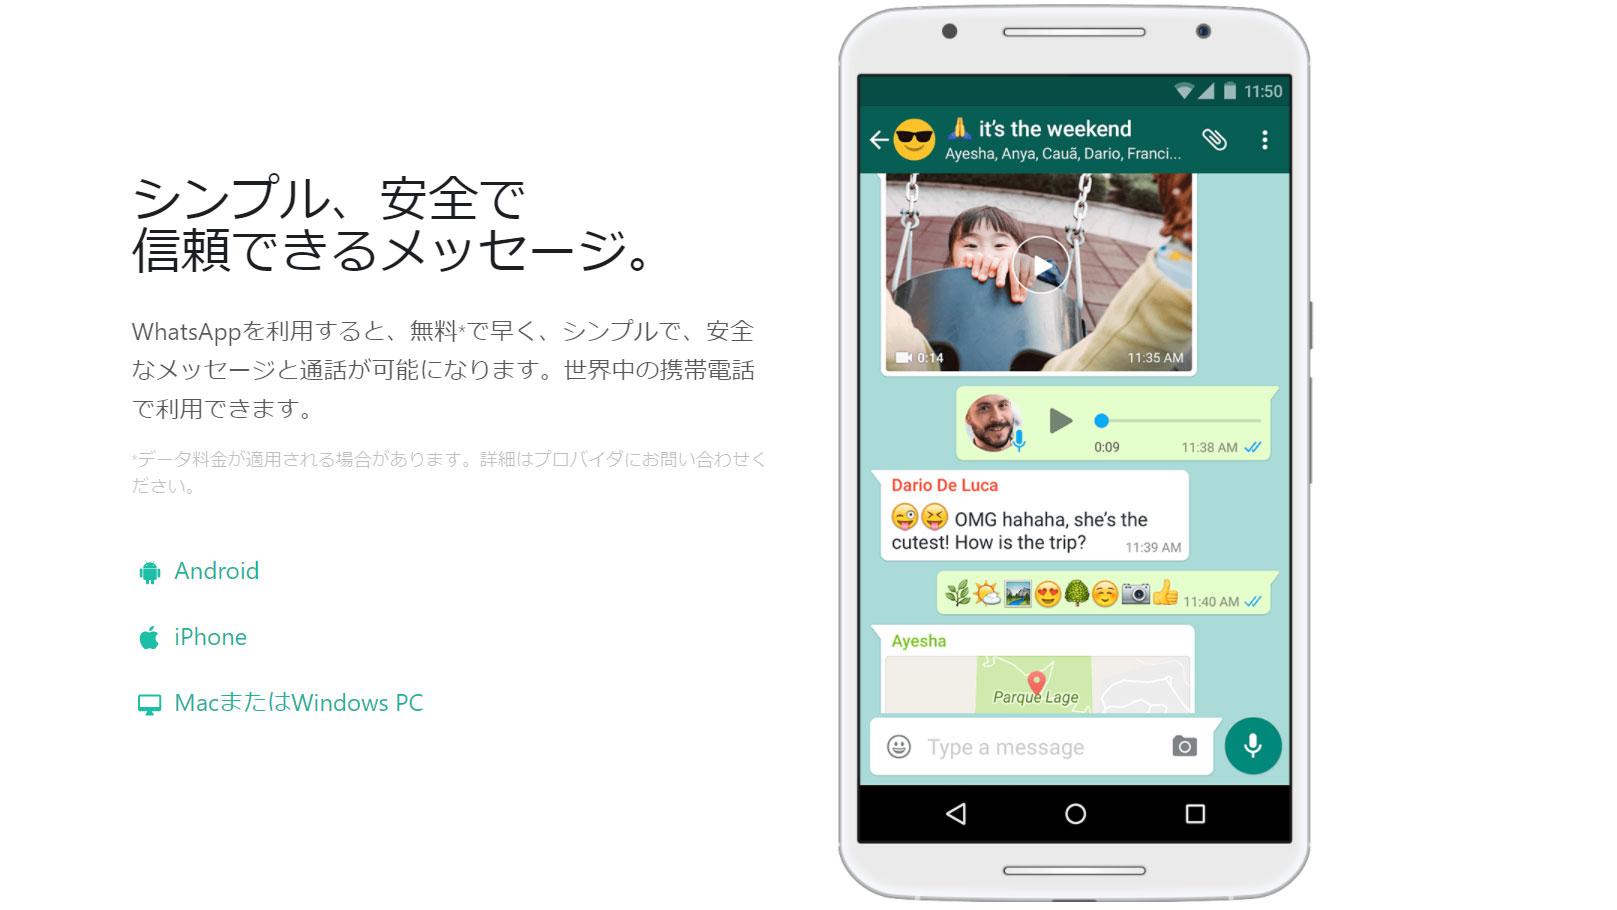 幅広い国籍の外国人とコンタクトを取るためのメッセージアプリはLINEではなく・・・